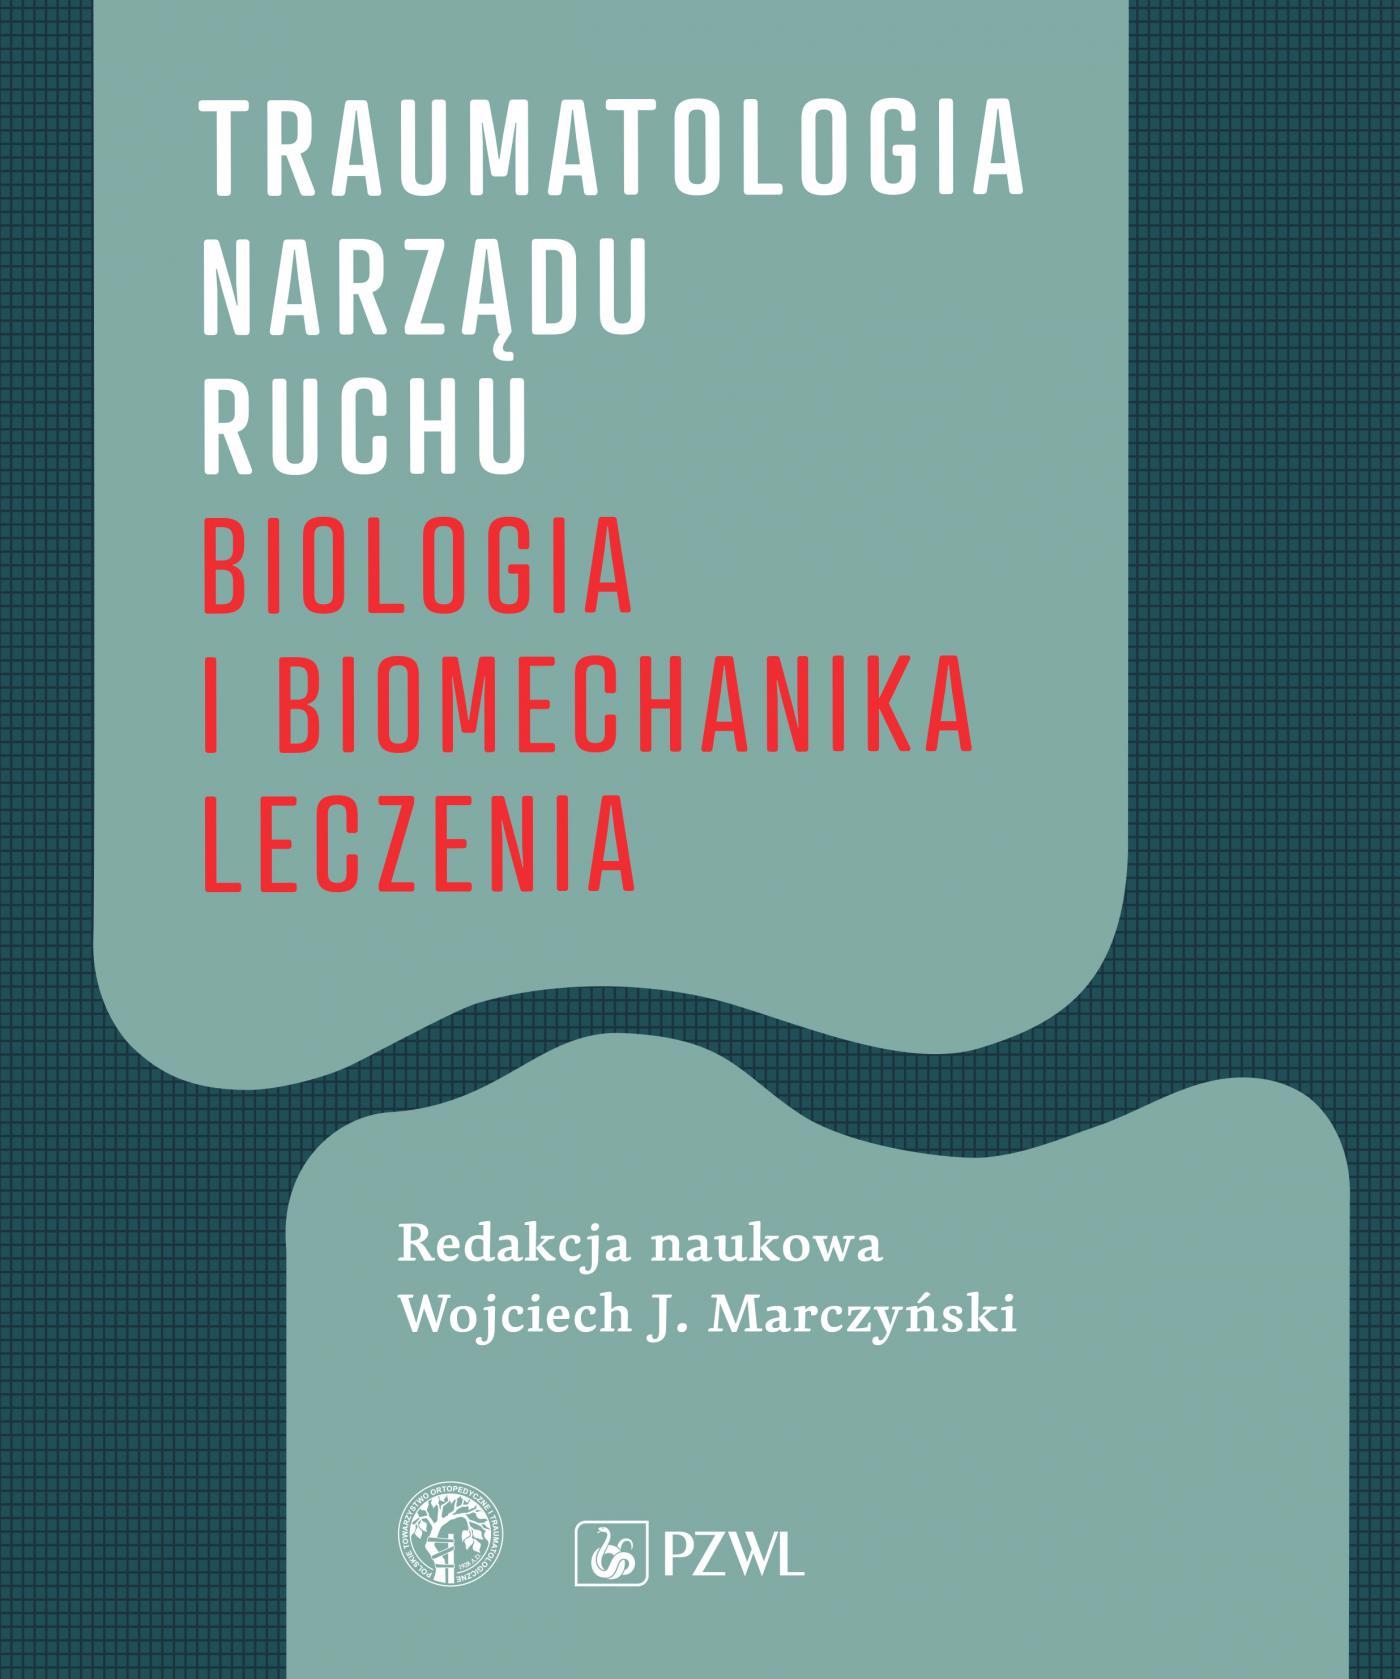 Traumatologia narządu ruchu. Biologia i biomechanika leczenia - Ebook (Książka EPUB) do pobrania w formacie EPUB